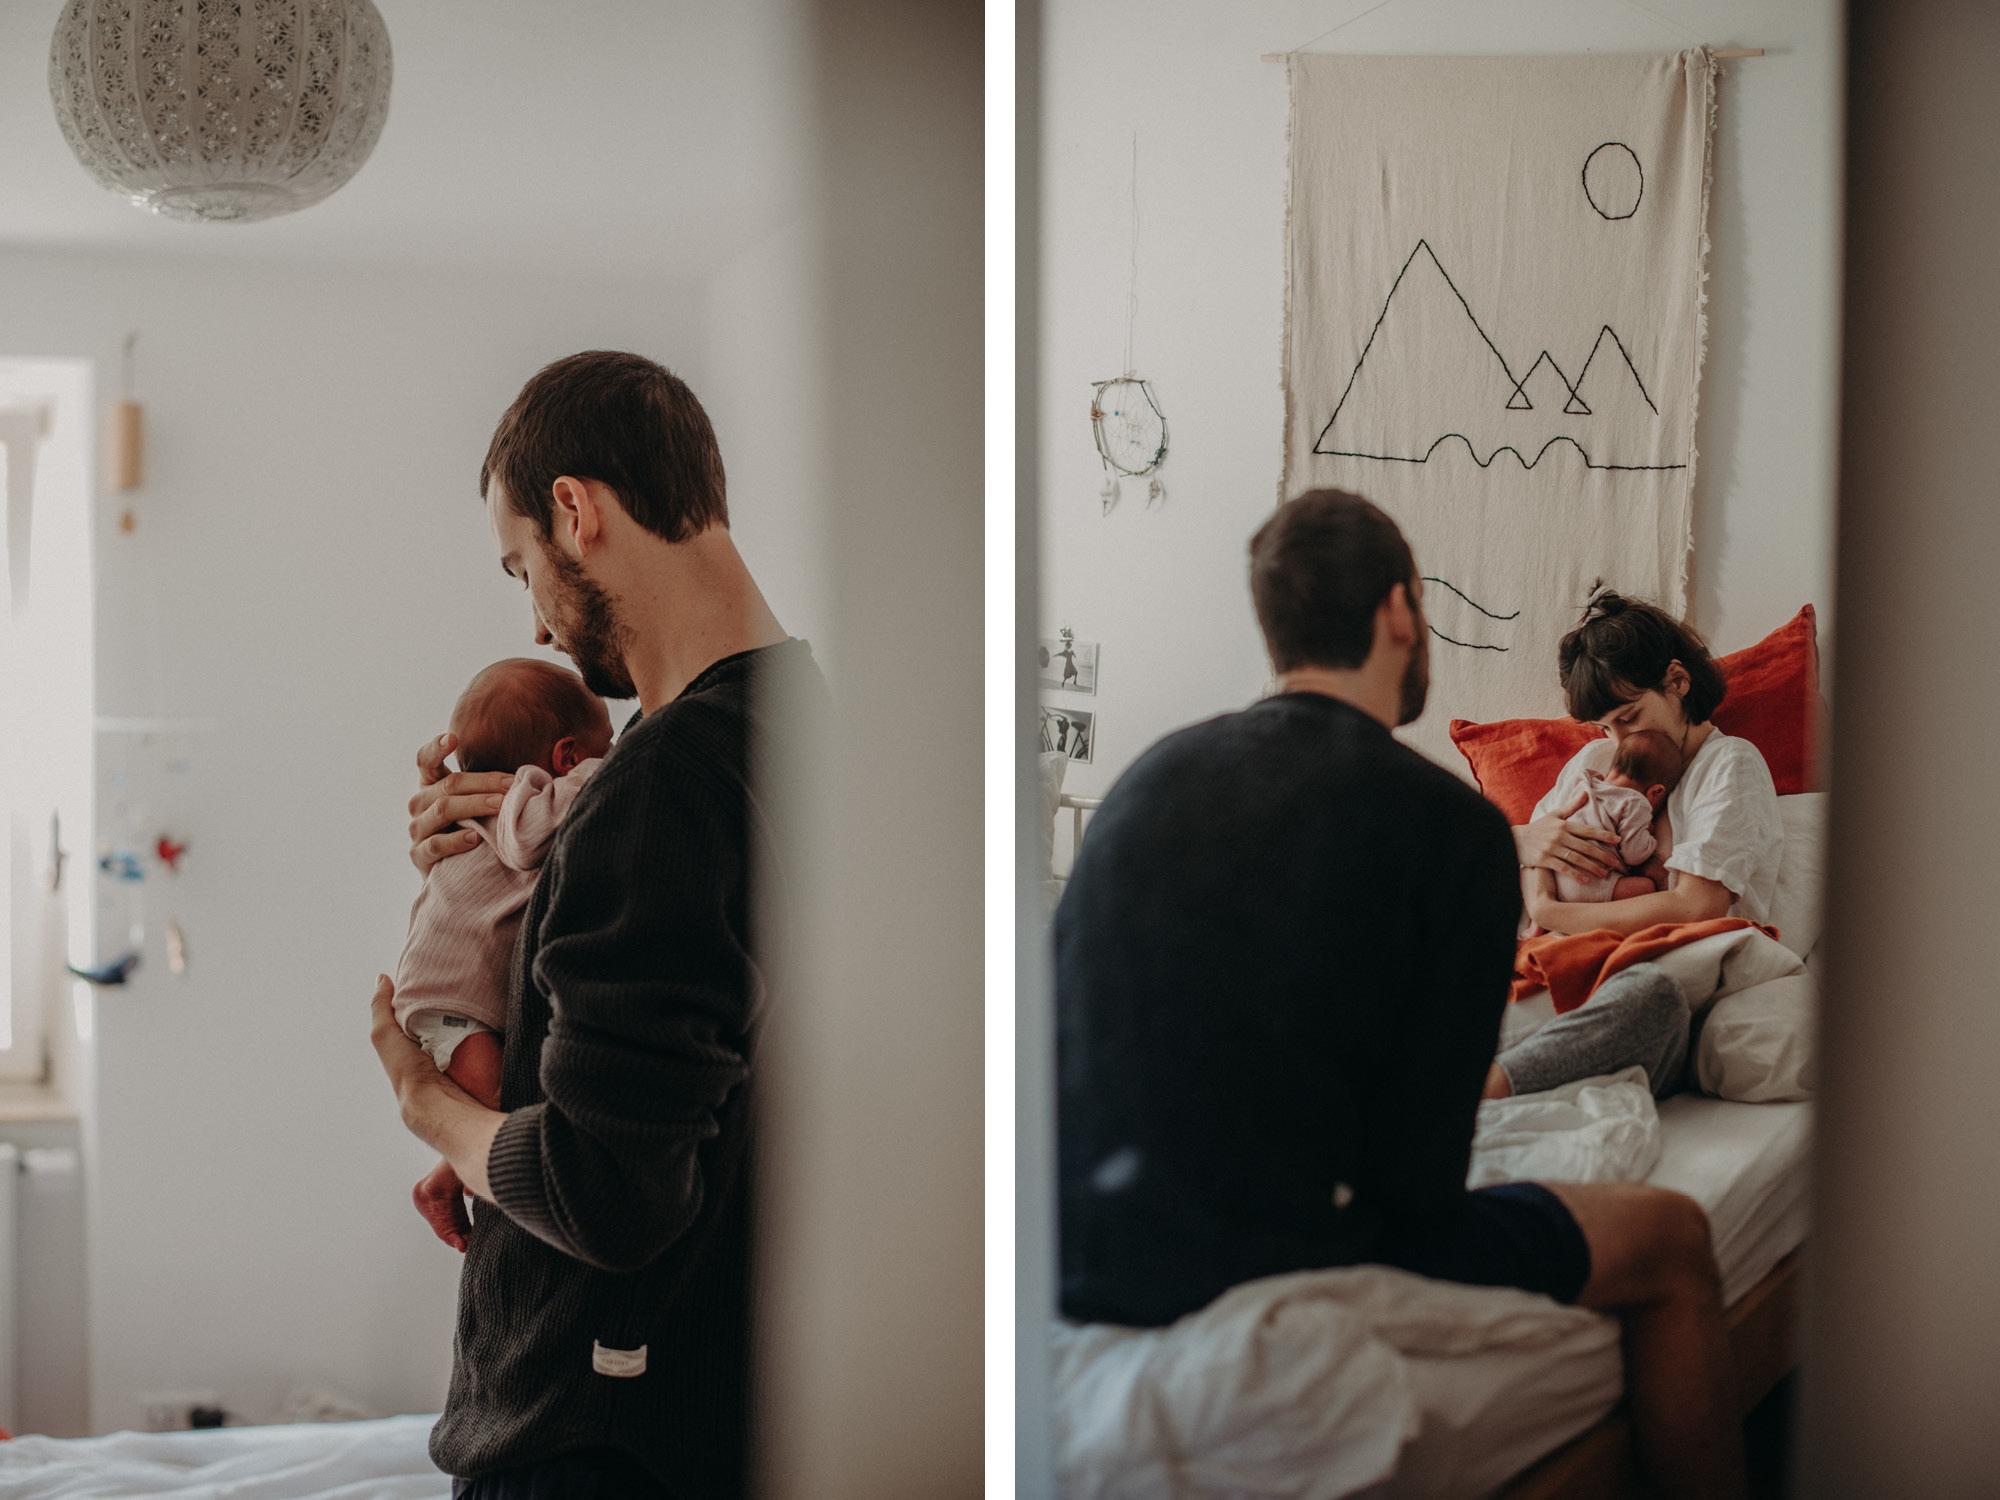 Vater mit Neugeborenen auf dem Arm, Blogpost Babyfotoshooting selber machen, Fotografin Freiburg